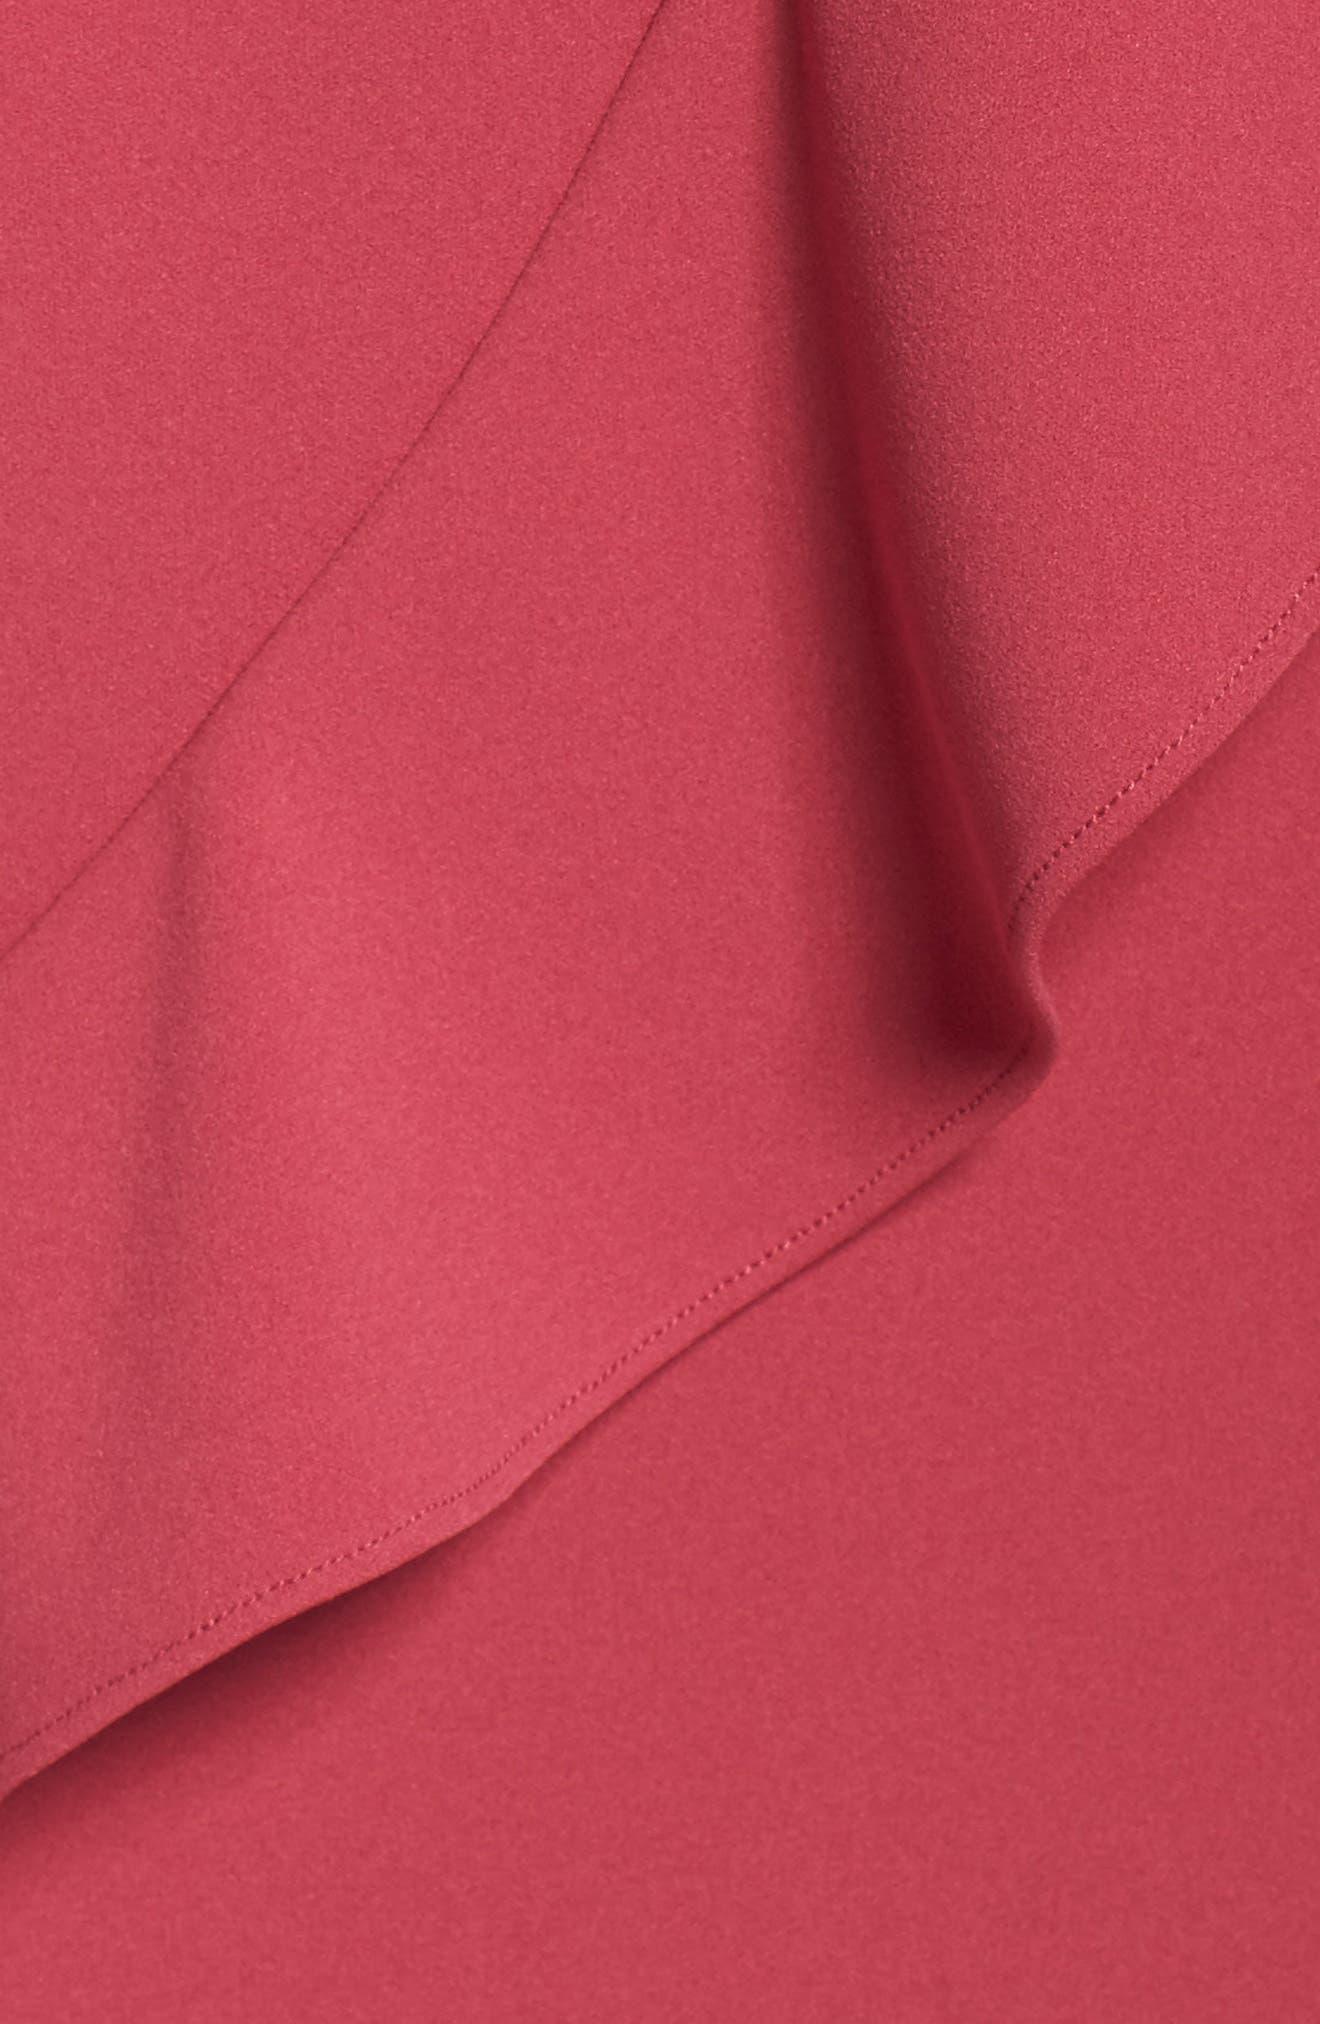 Knit Crepe Drop Waist Dress,                             Alternate thumbnail 5, color,                             655